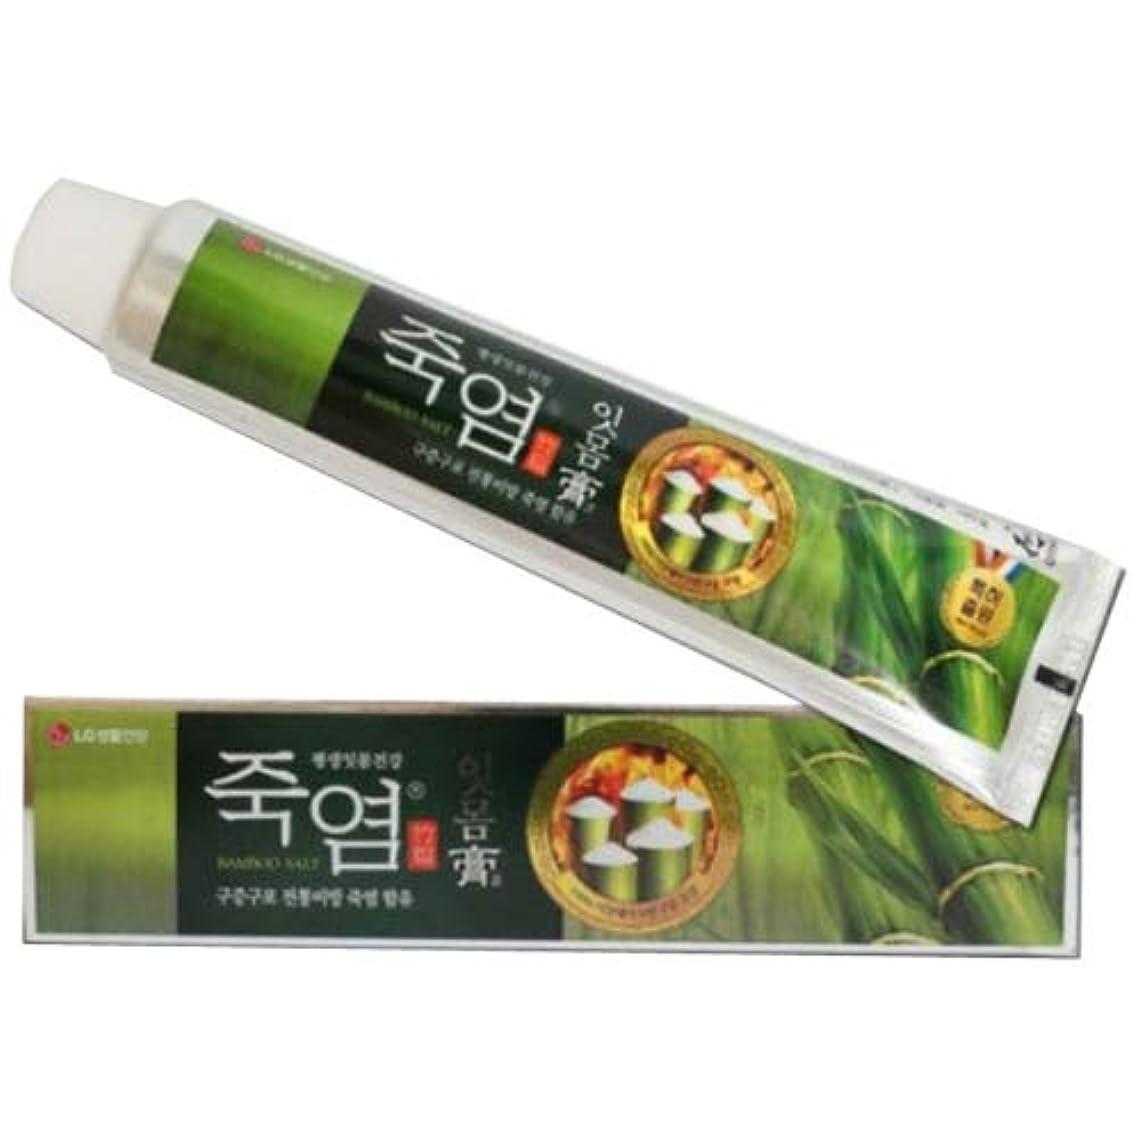 プロジェクター予想外スカルクLG生活健康 竹塩歯磨き粉 (歯康膏:ウンガンゴ)(120g X2個) 竹塩歯磨き粉つぶれて歯茎を健康に ウンガンゴ